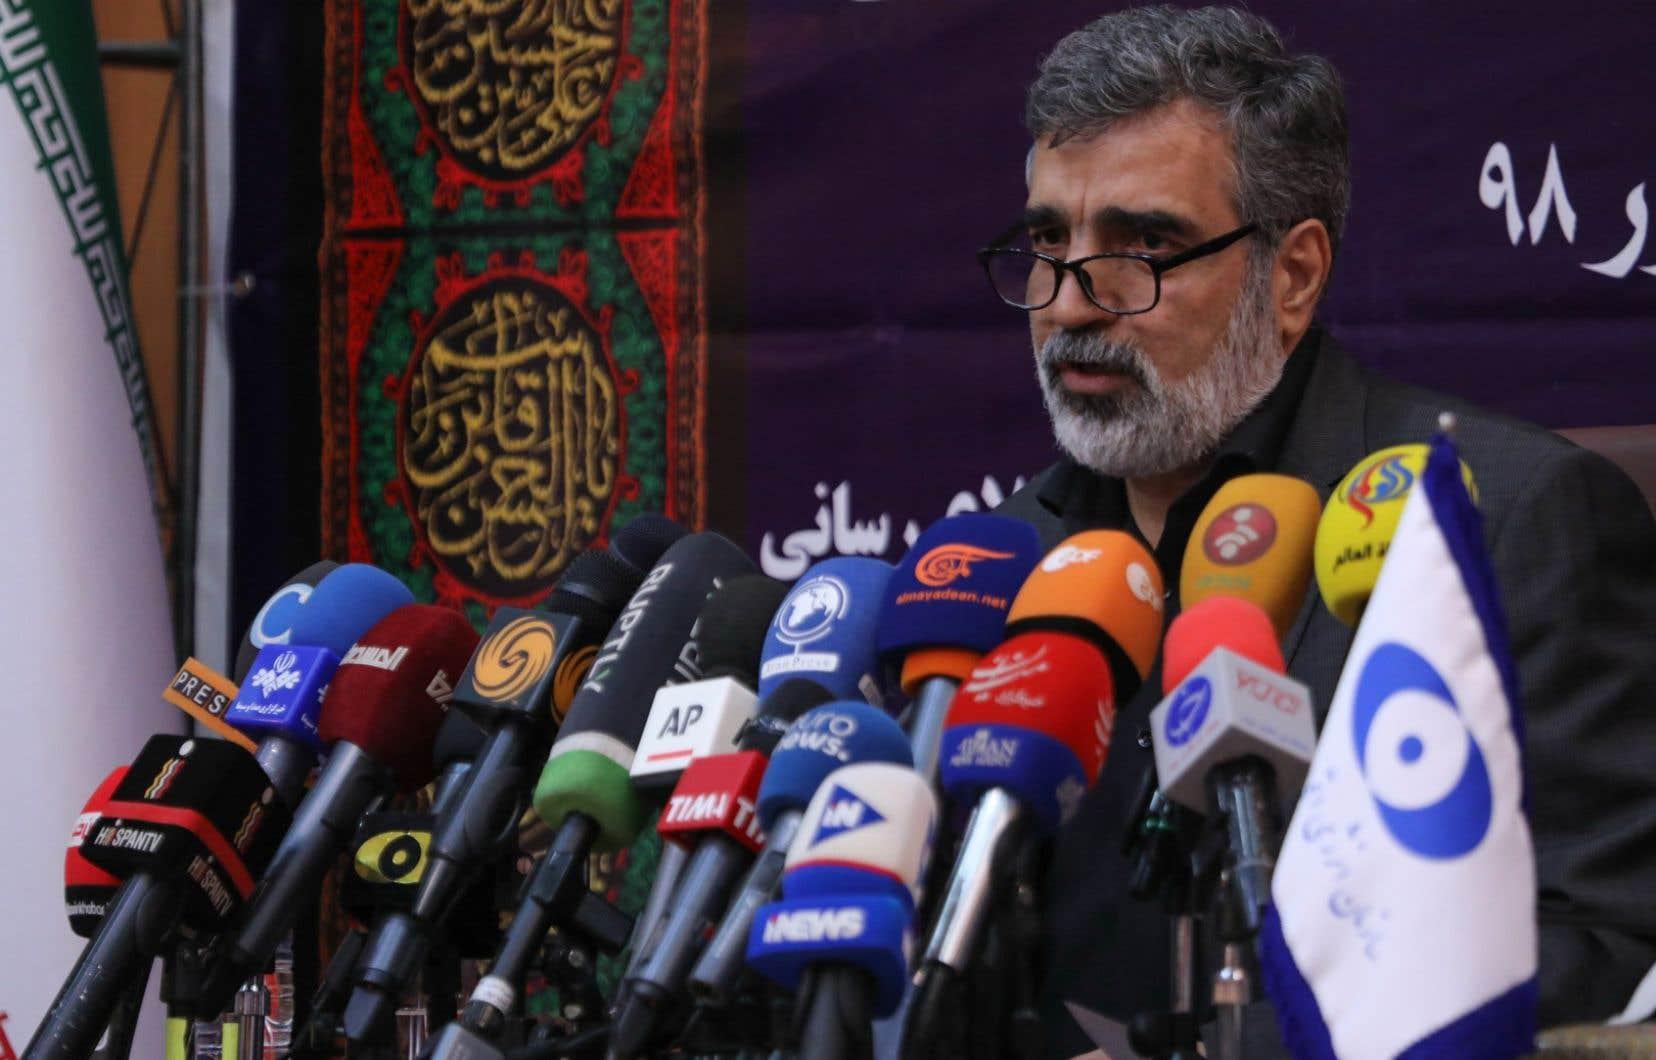 Le porte-parole de l'Organisation iranienne de l'énergie atomique (OIEA), Behrouz Kamalvandi, a détaillé samedi les mesures de la nouvelle phase du plan de réduction des engagements pris en vertu de l'accord de Vienne en 2015.